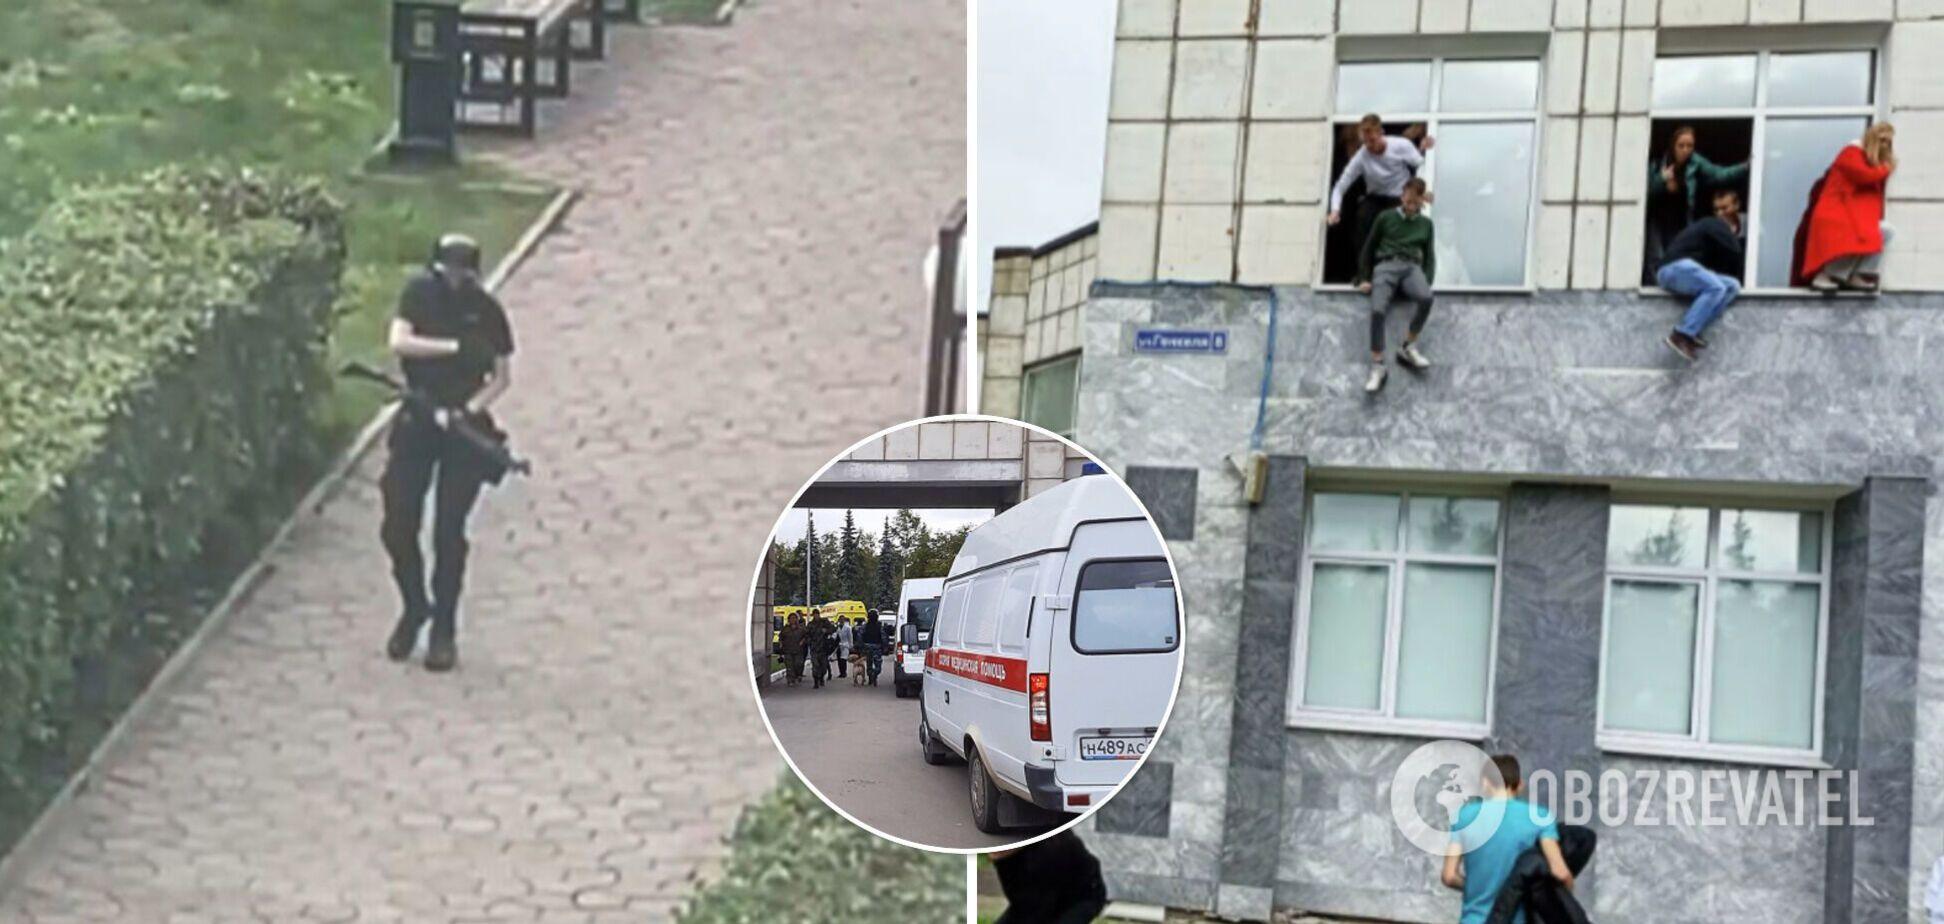 Мать пермского стрелка рассказала о его увлечении оружием: сейчас парня в больнице охраняют 18 полицейских